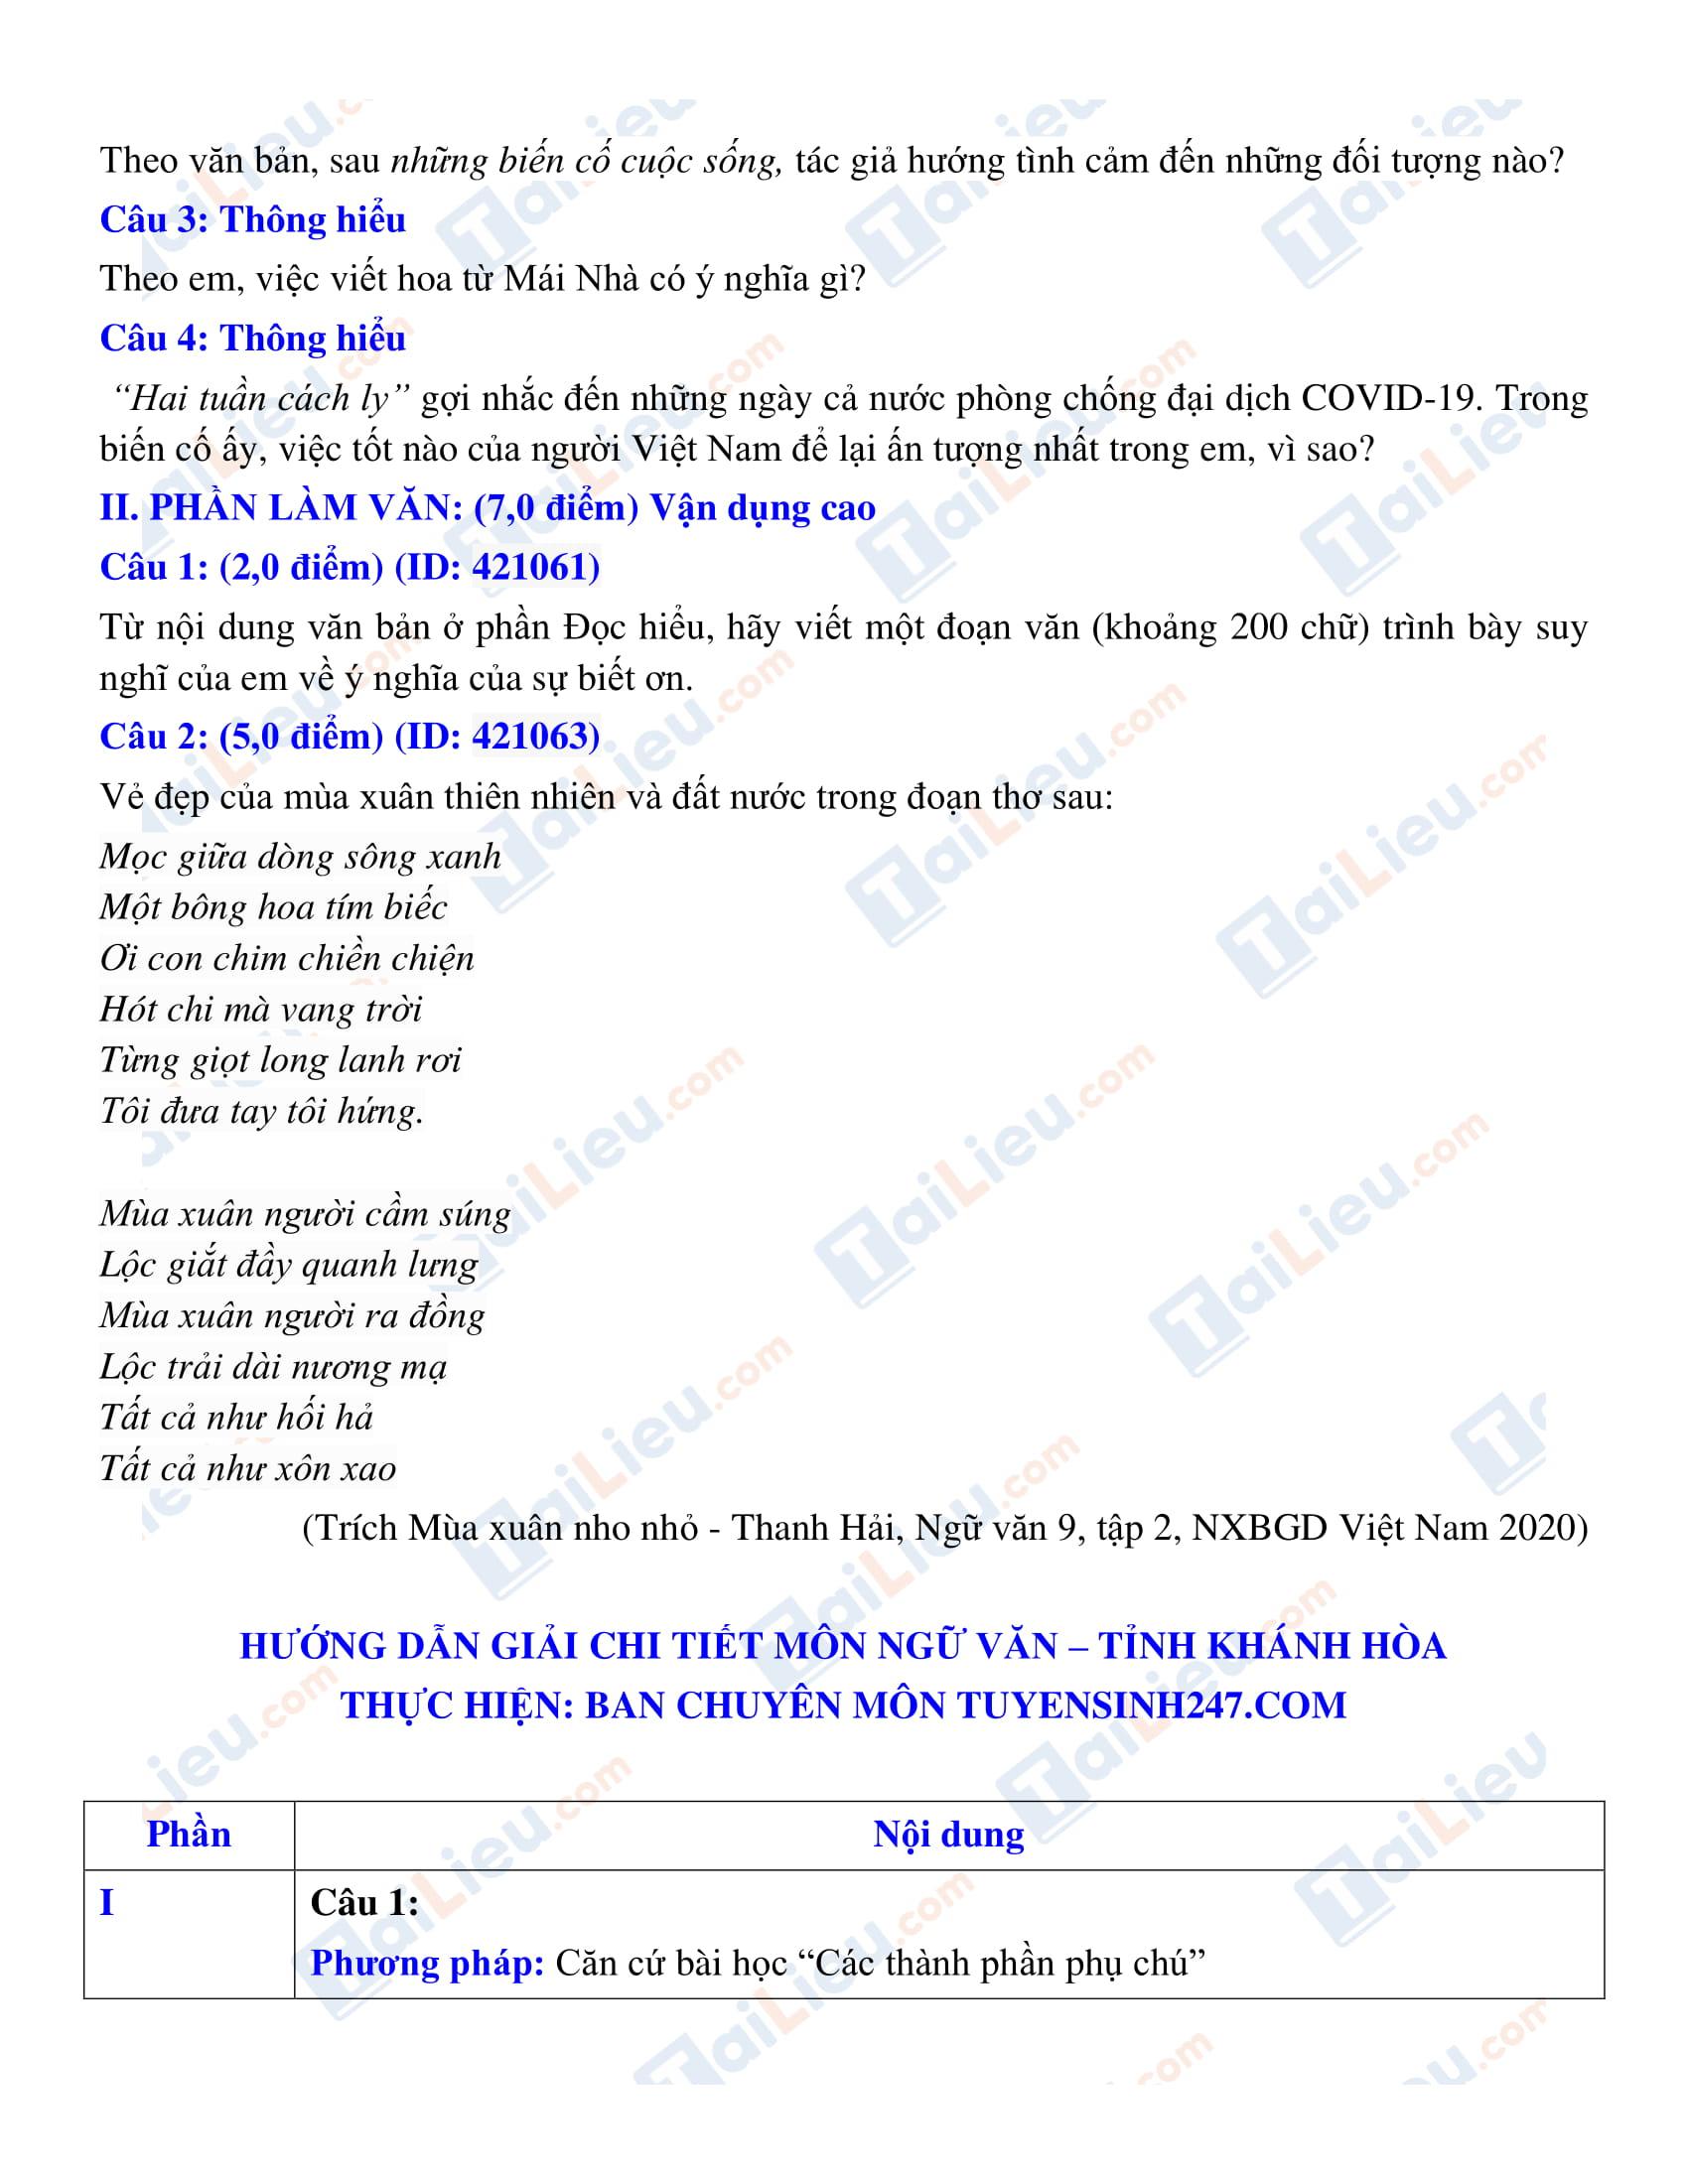 Đáp án tuyển sinh môn Văn lớp 10 năm 2020 tỉnh Khánh Hòa